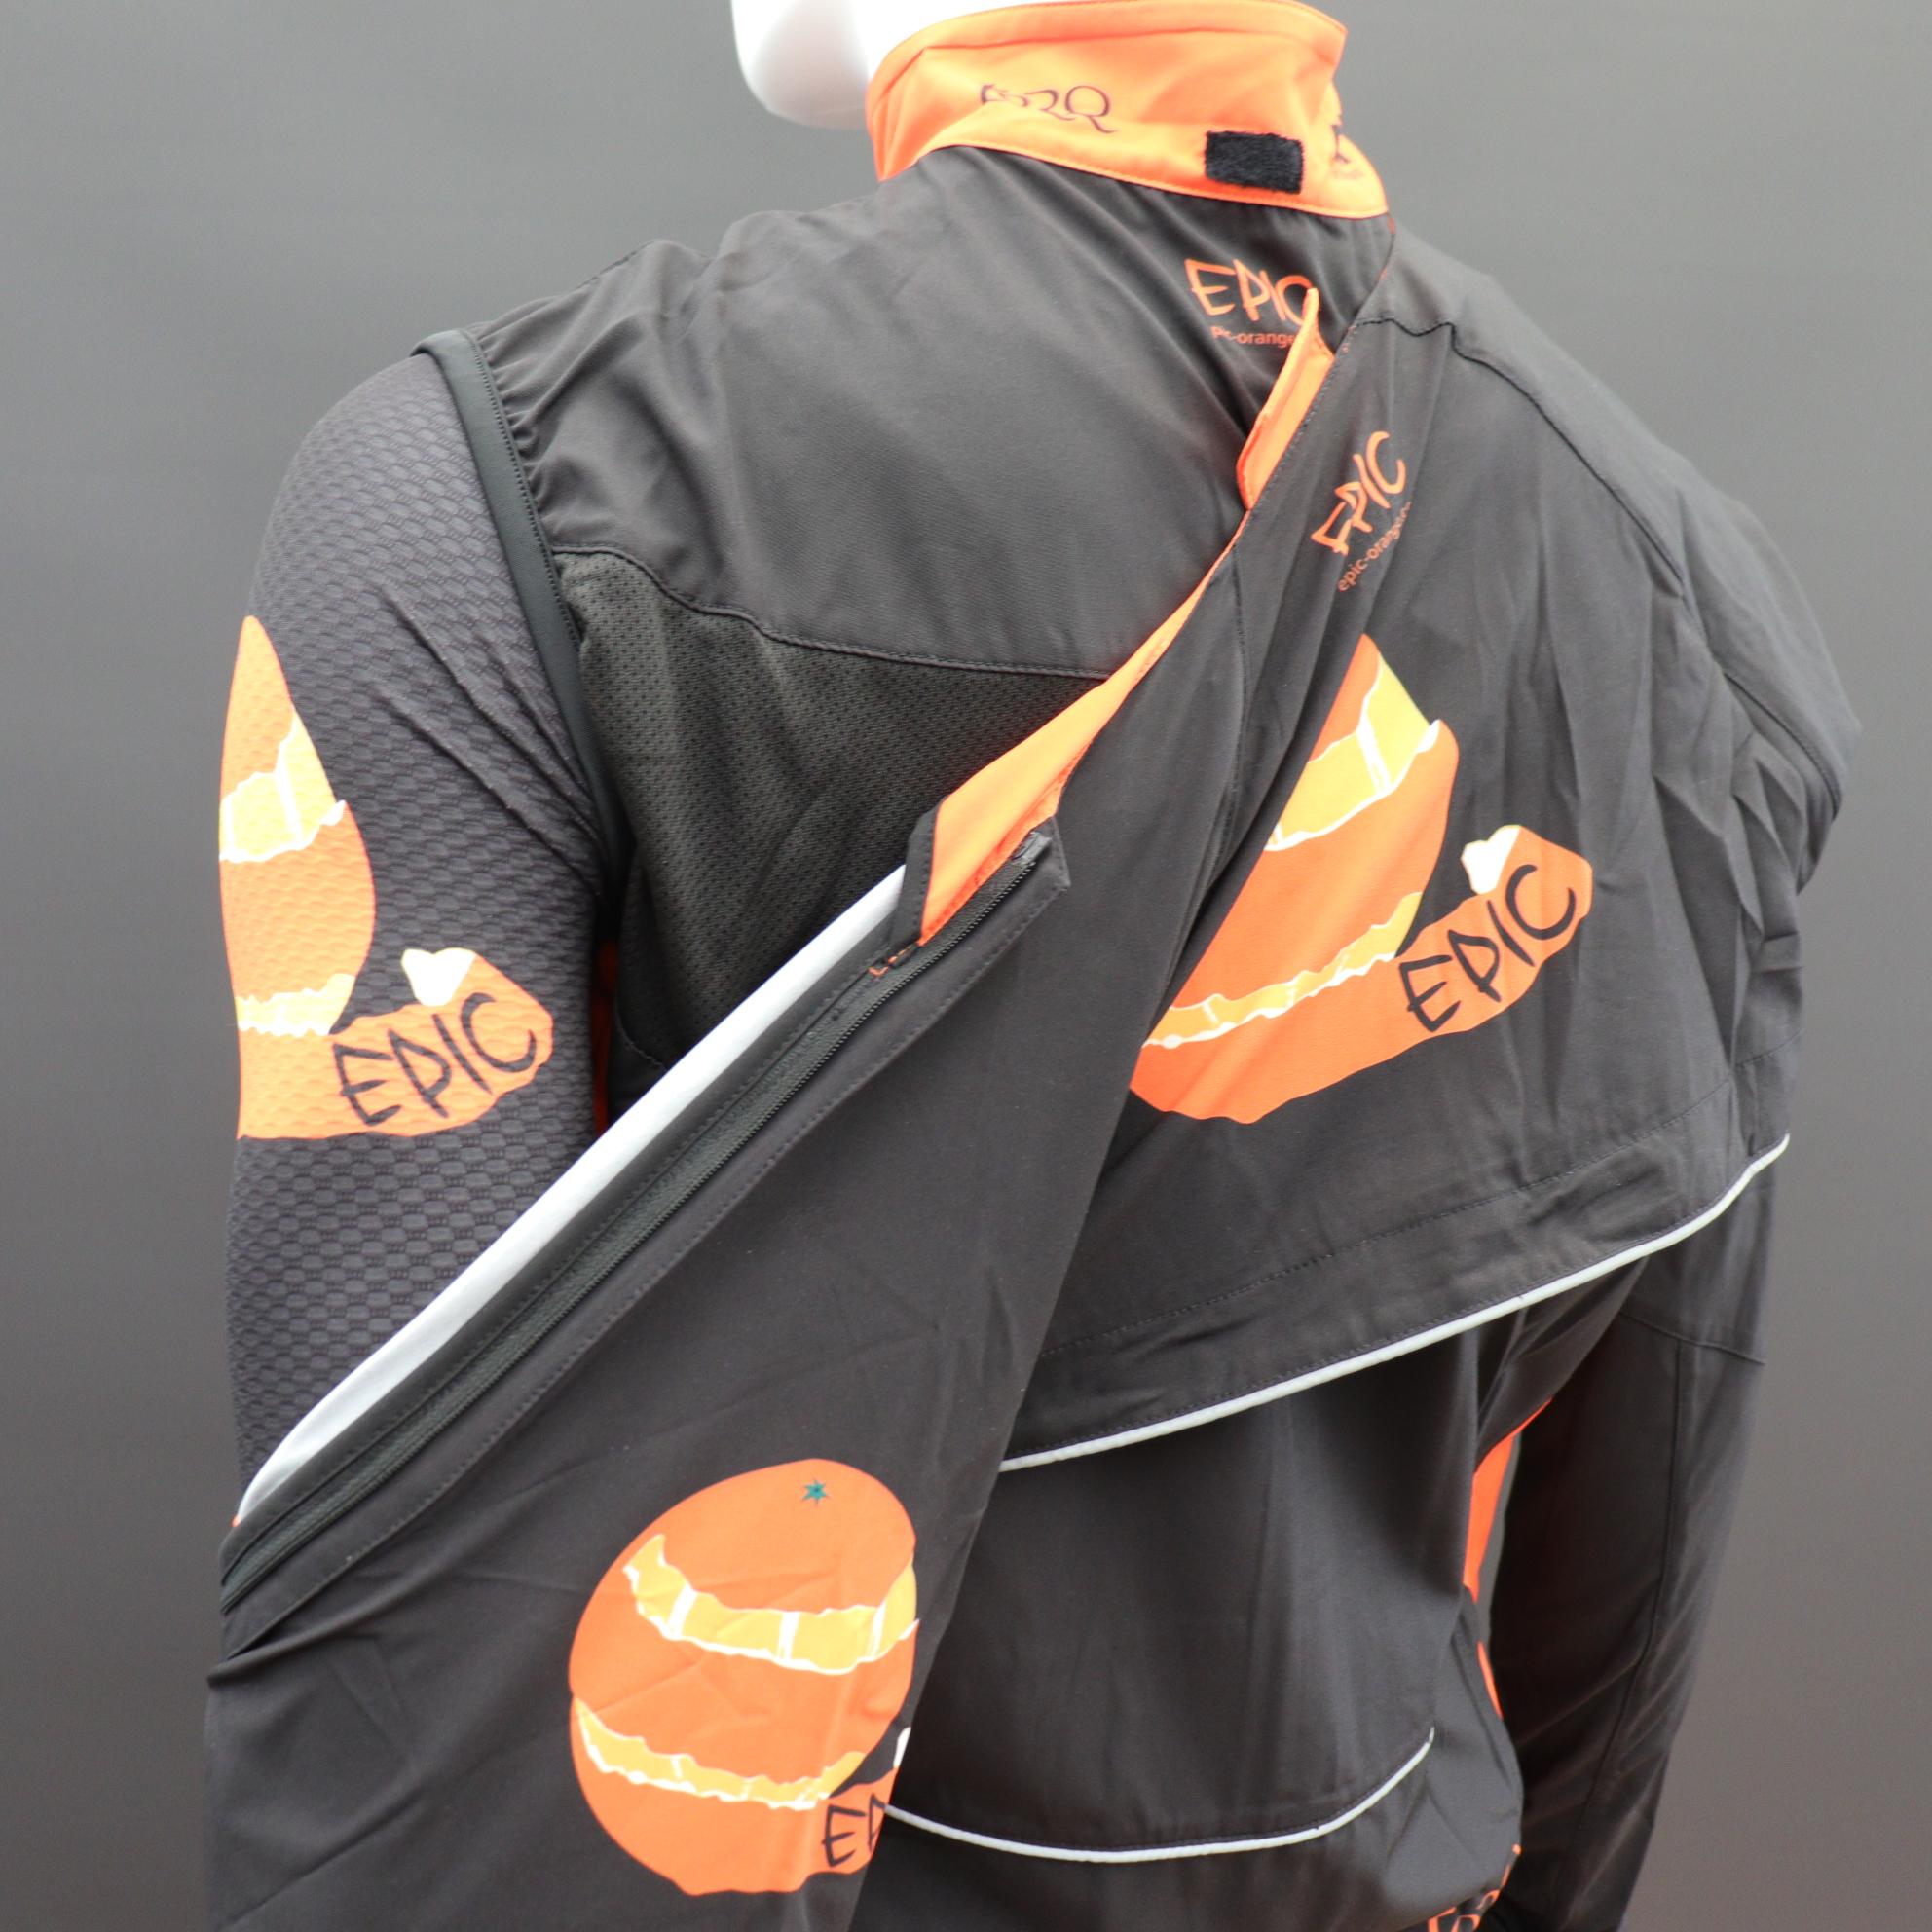 Convertible Cycle Jackets - Gilets